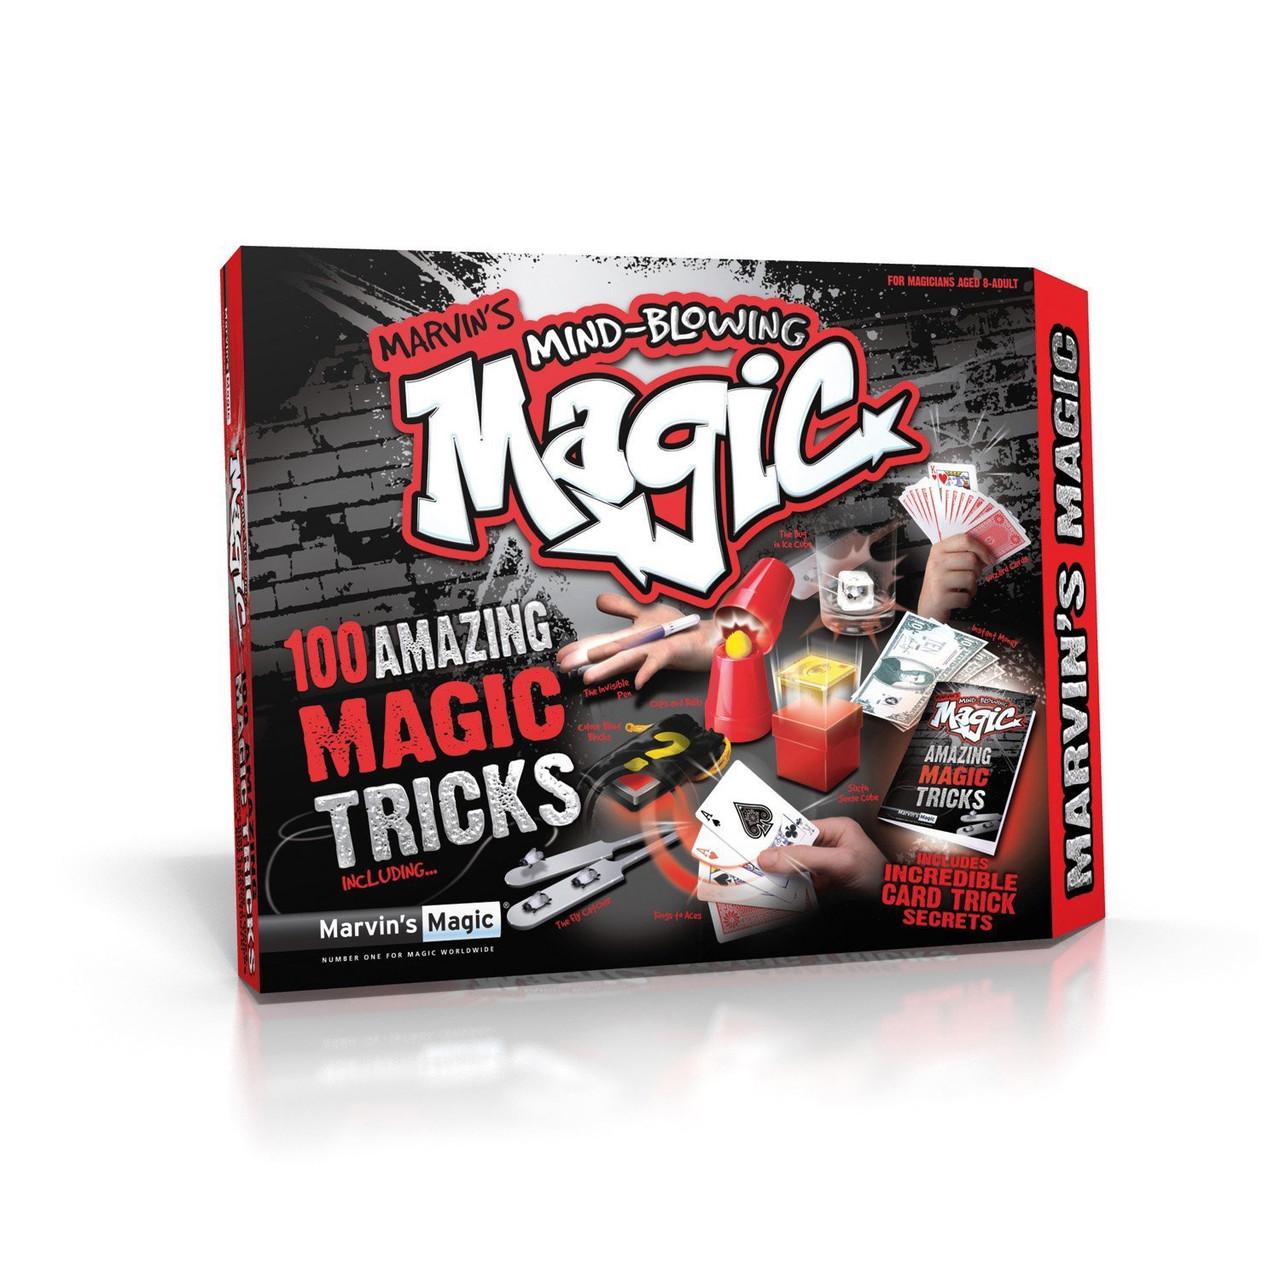 MIND-BLOWING 100 MAGIC TRICKS